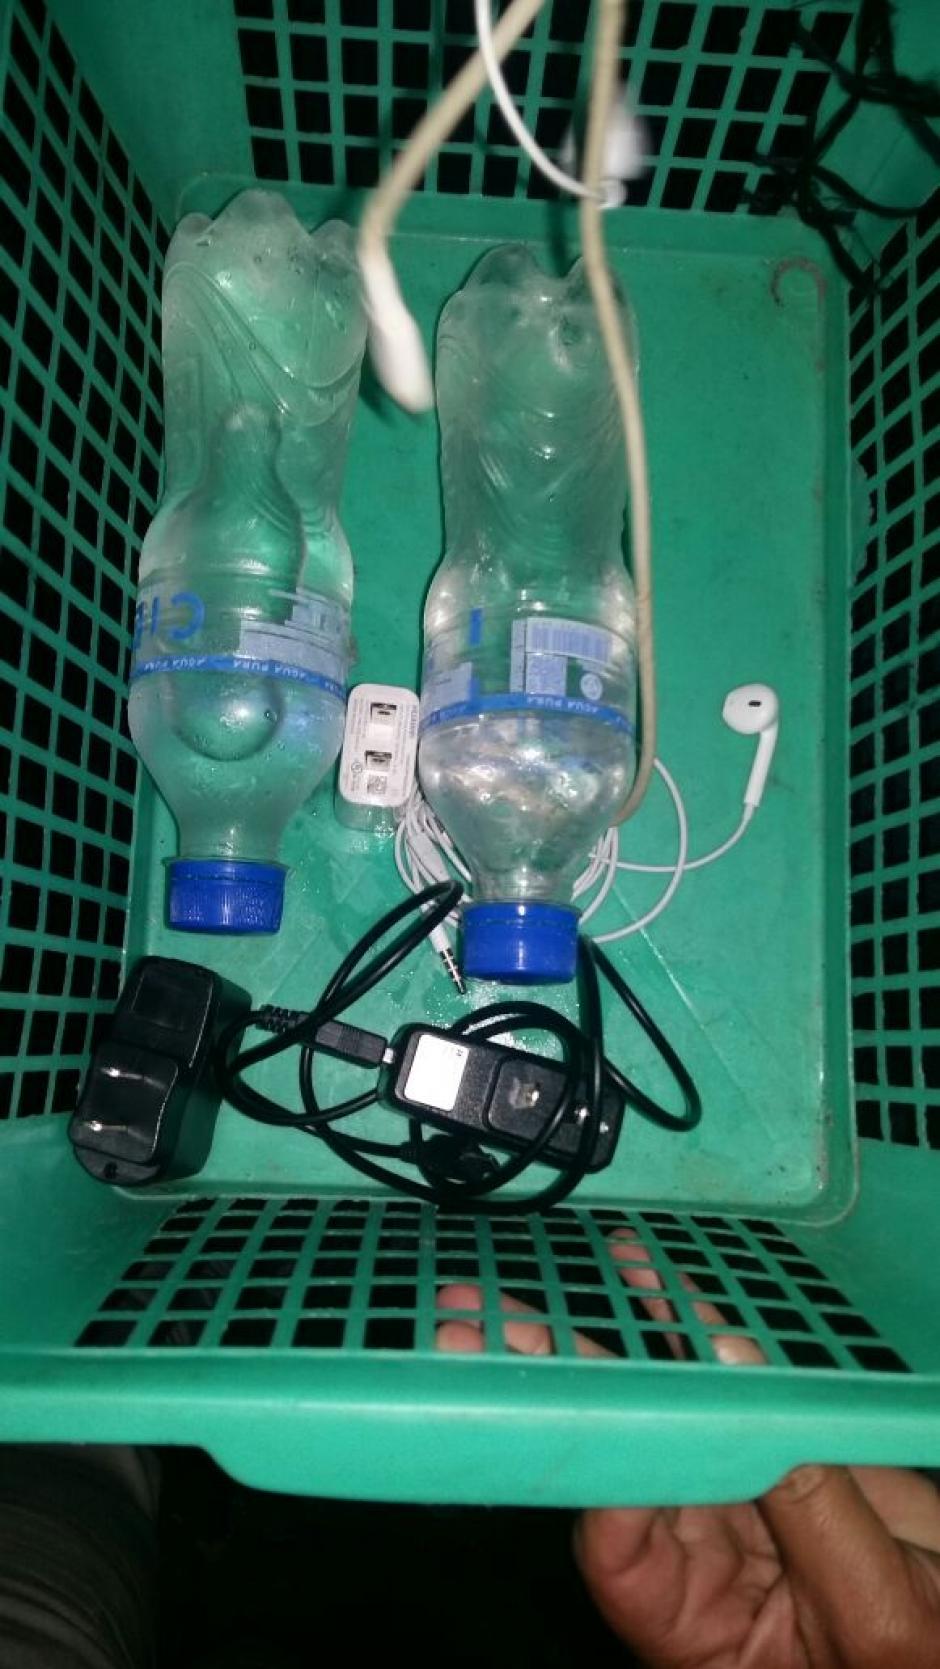 Presidios informó que se localizó licor embotellado en envases de agua pura. (Foto: Sistema Penitenciario)